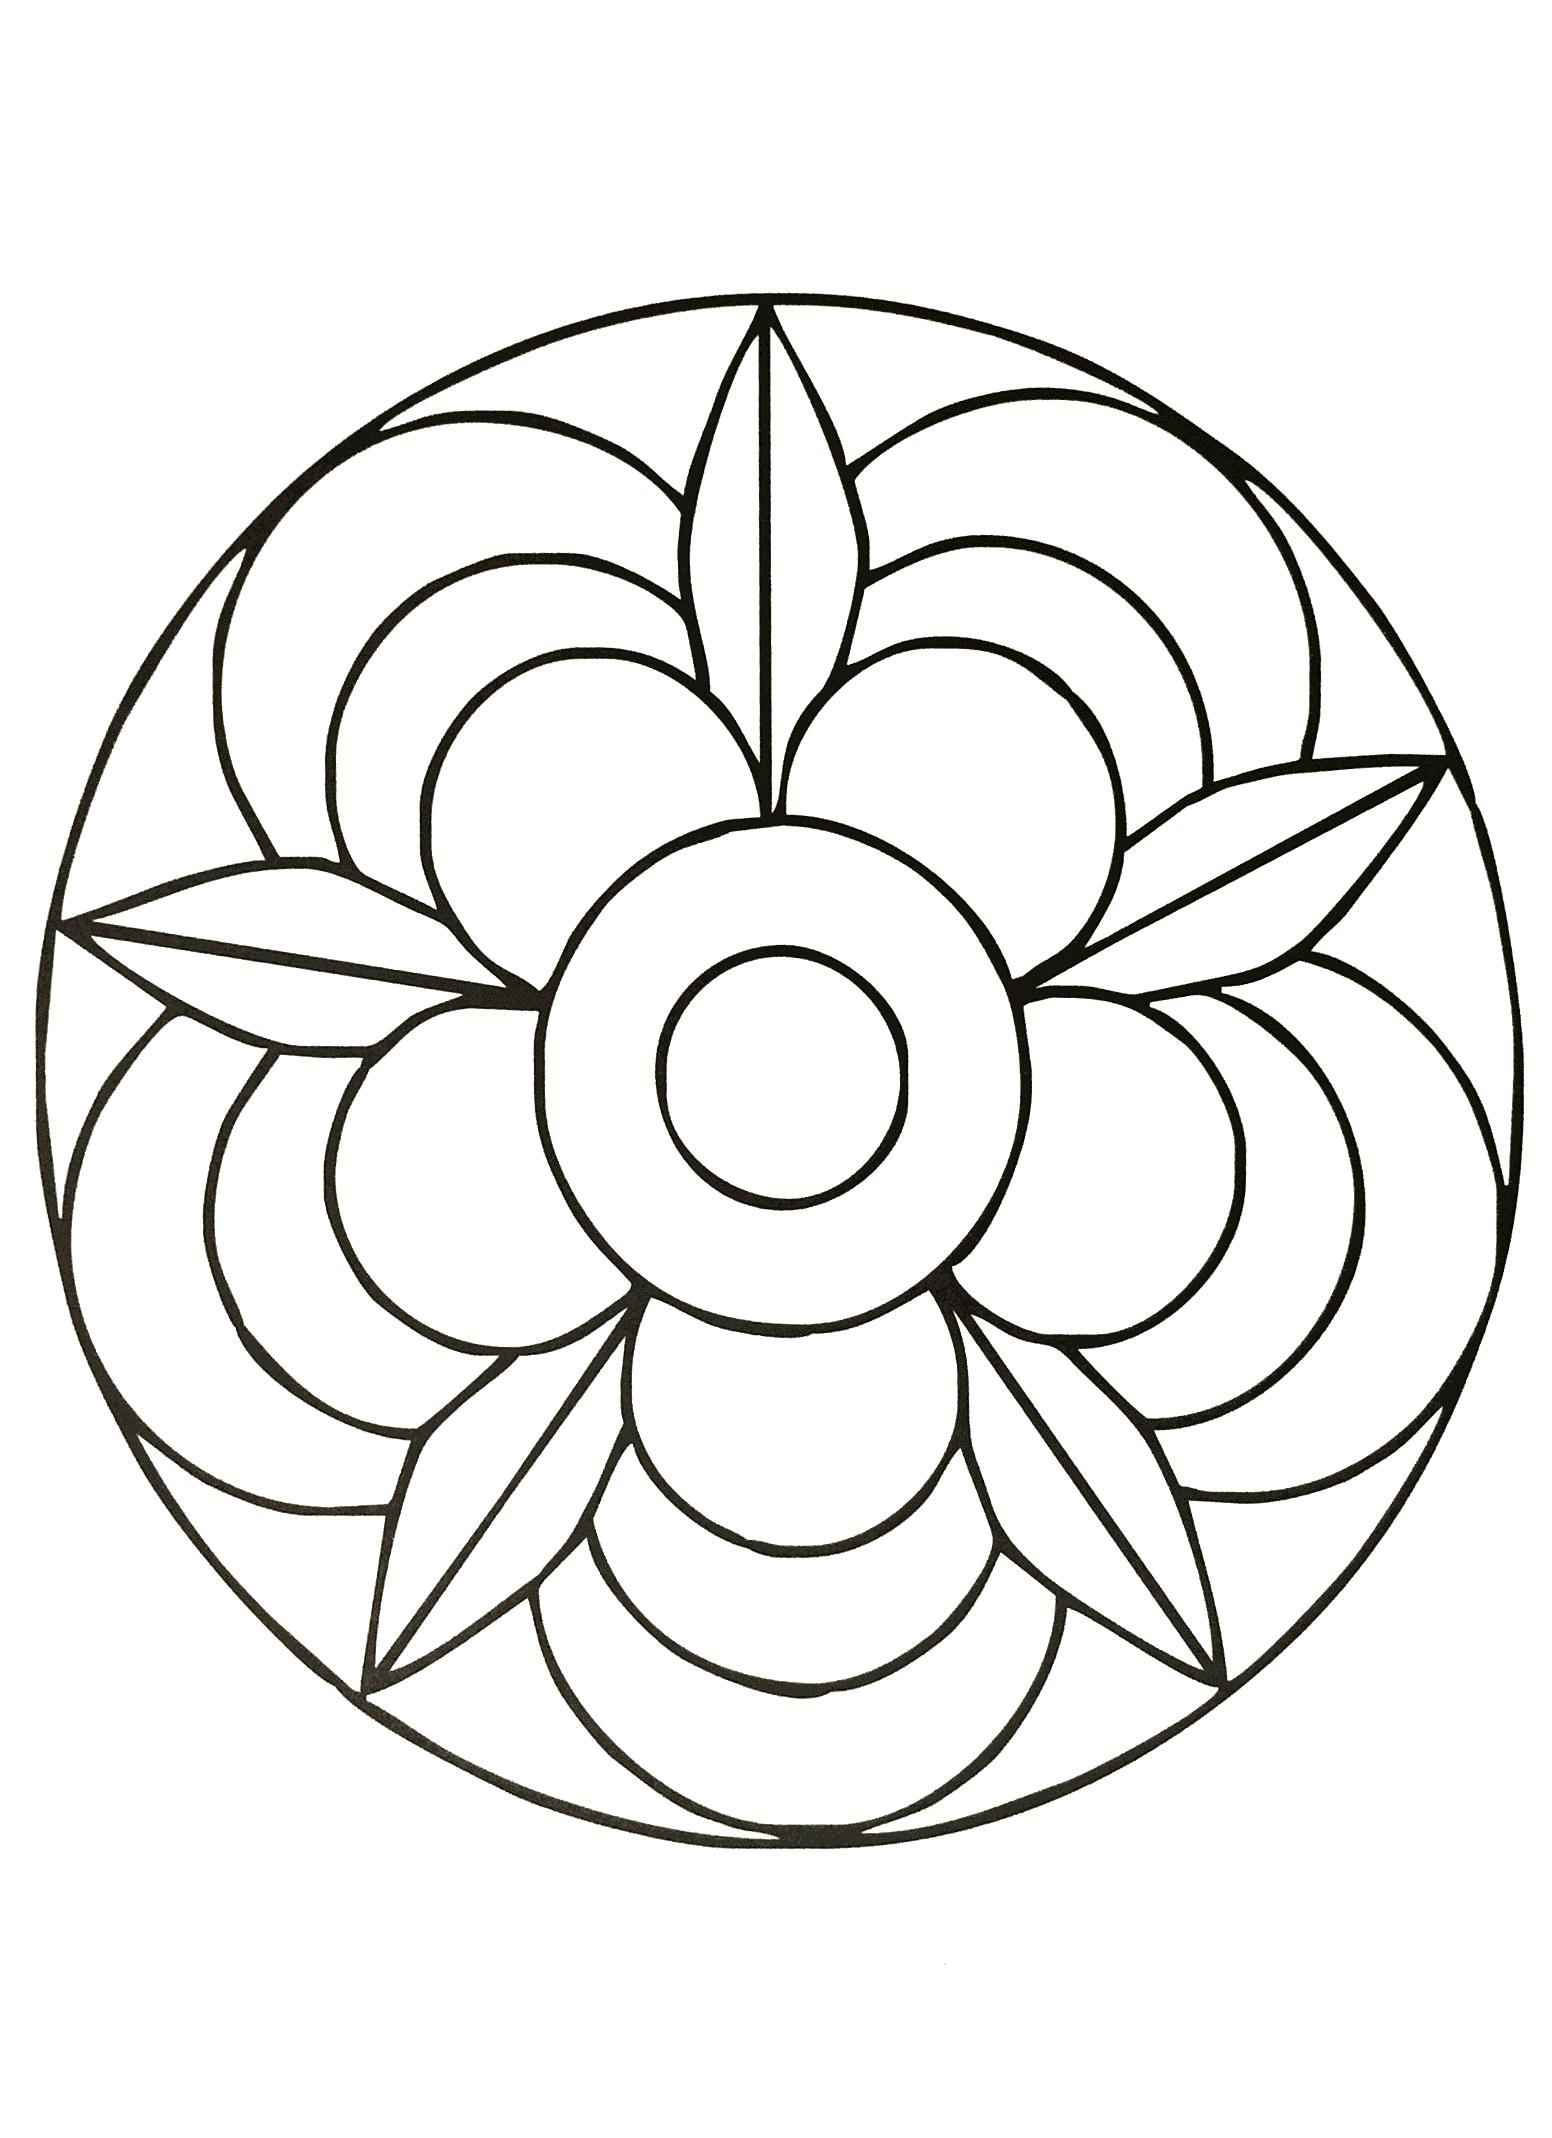 Mandalas - 87